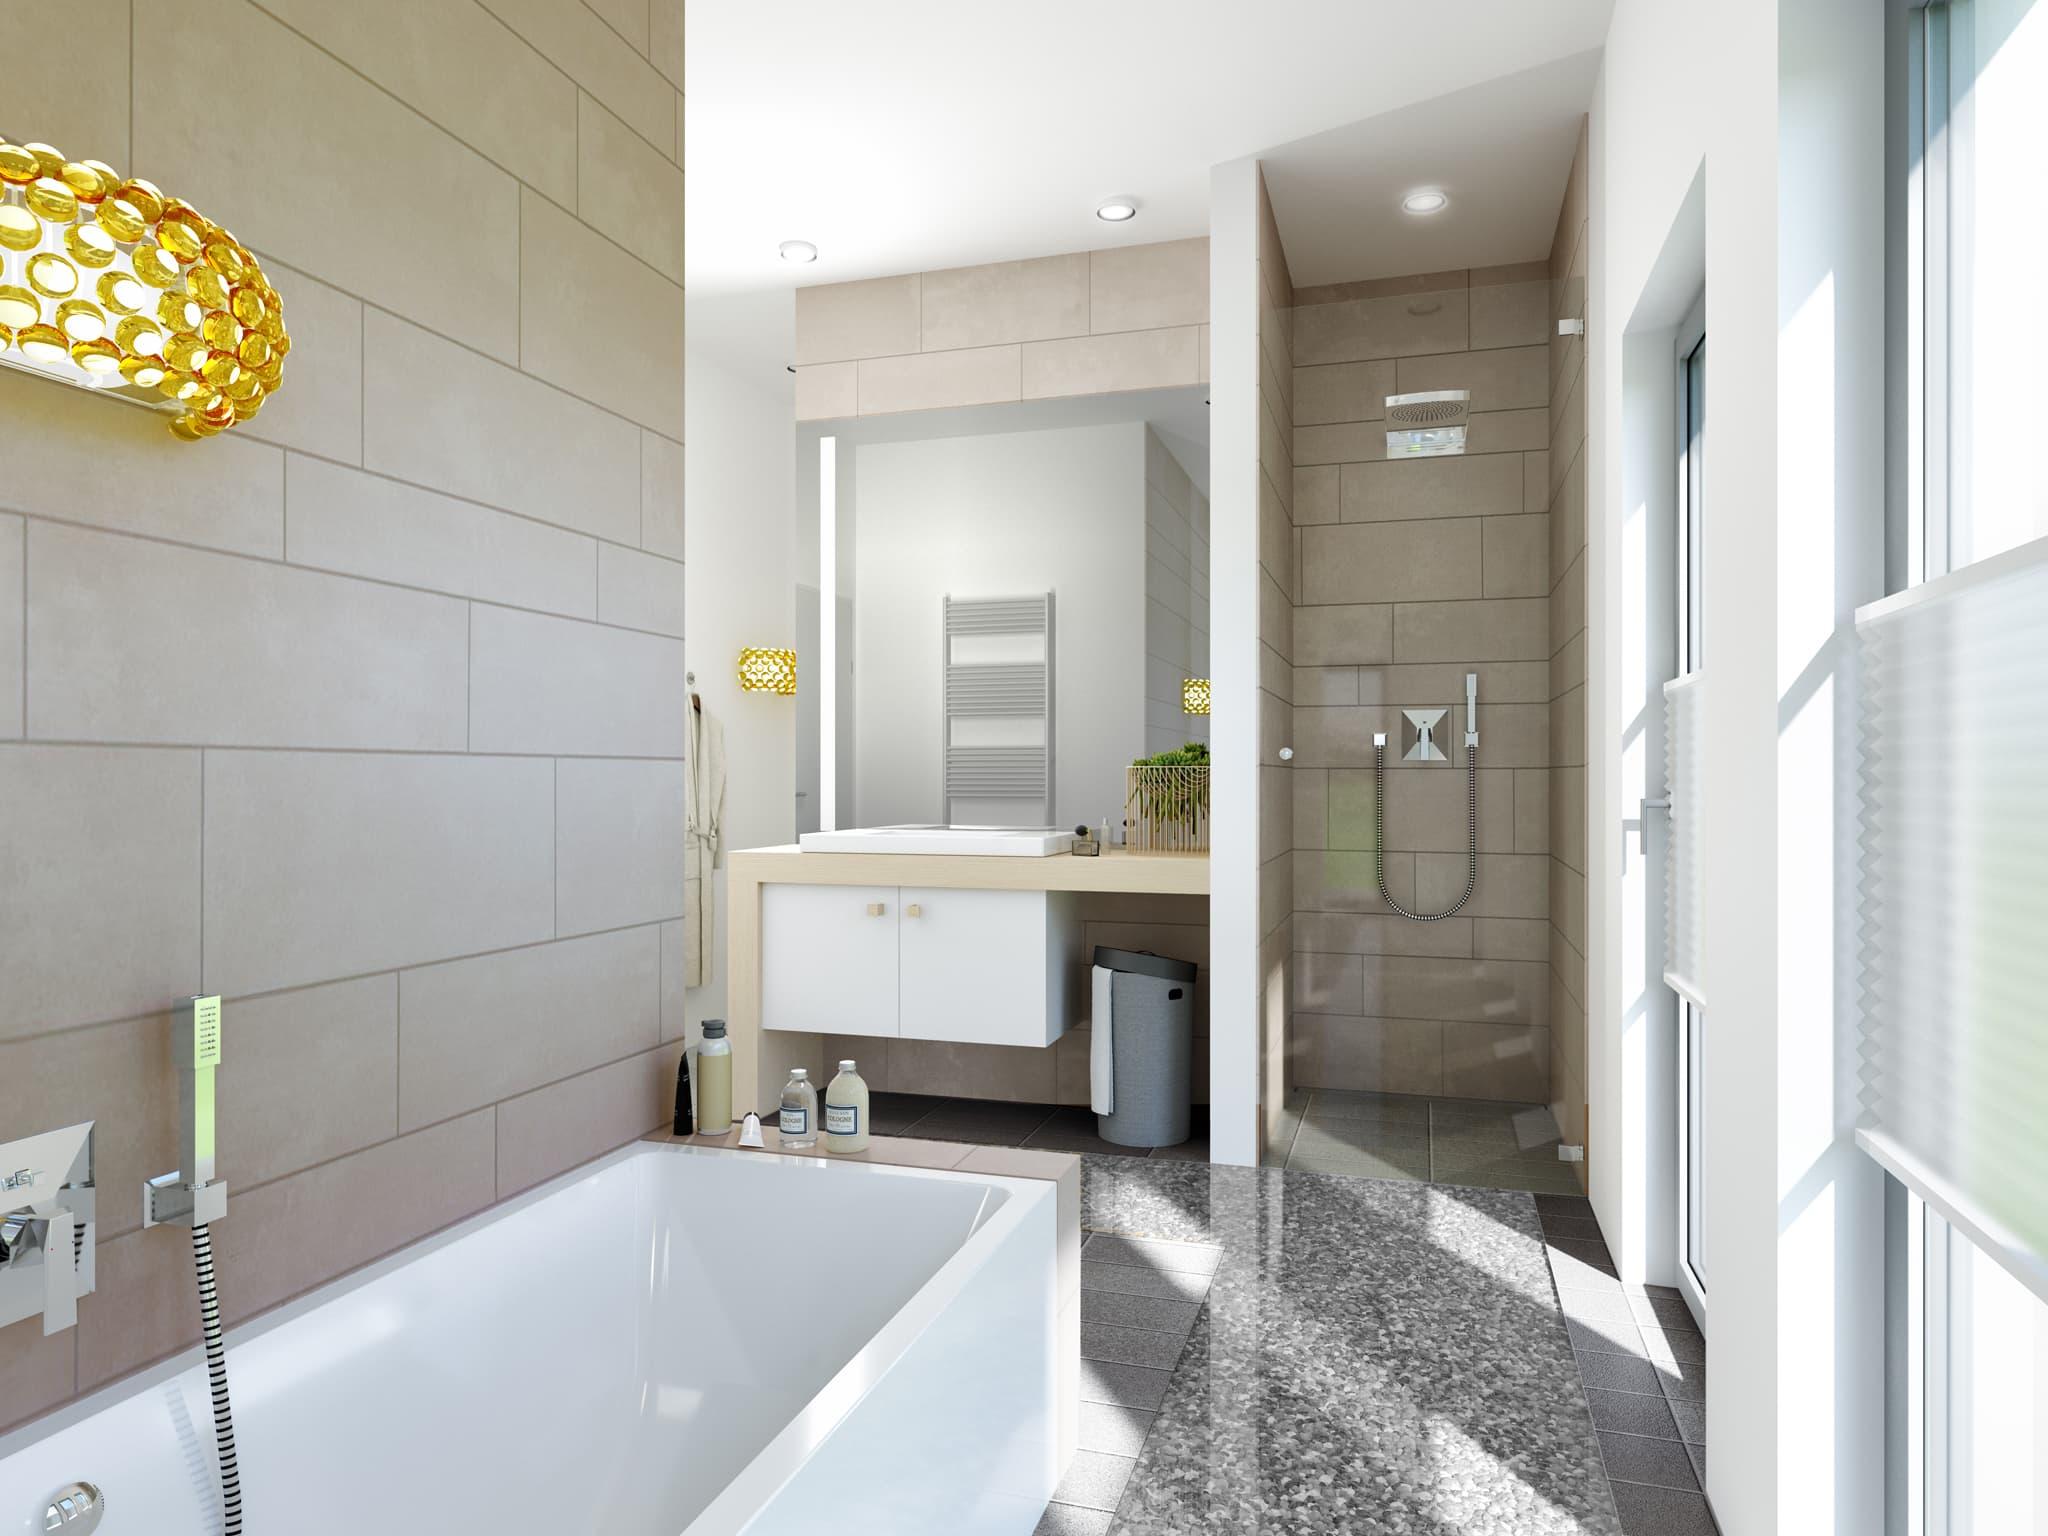 Badezimmer modern mit Dusche, Badewanne & Waschtisch - Ideen Inneneinrichtung Einfamilienhaus Bien Zenker Fertighaus FANTASTIC 161 V5 - HausbauDirekt.de